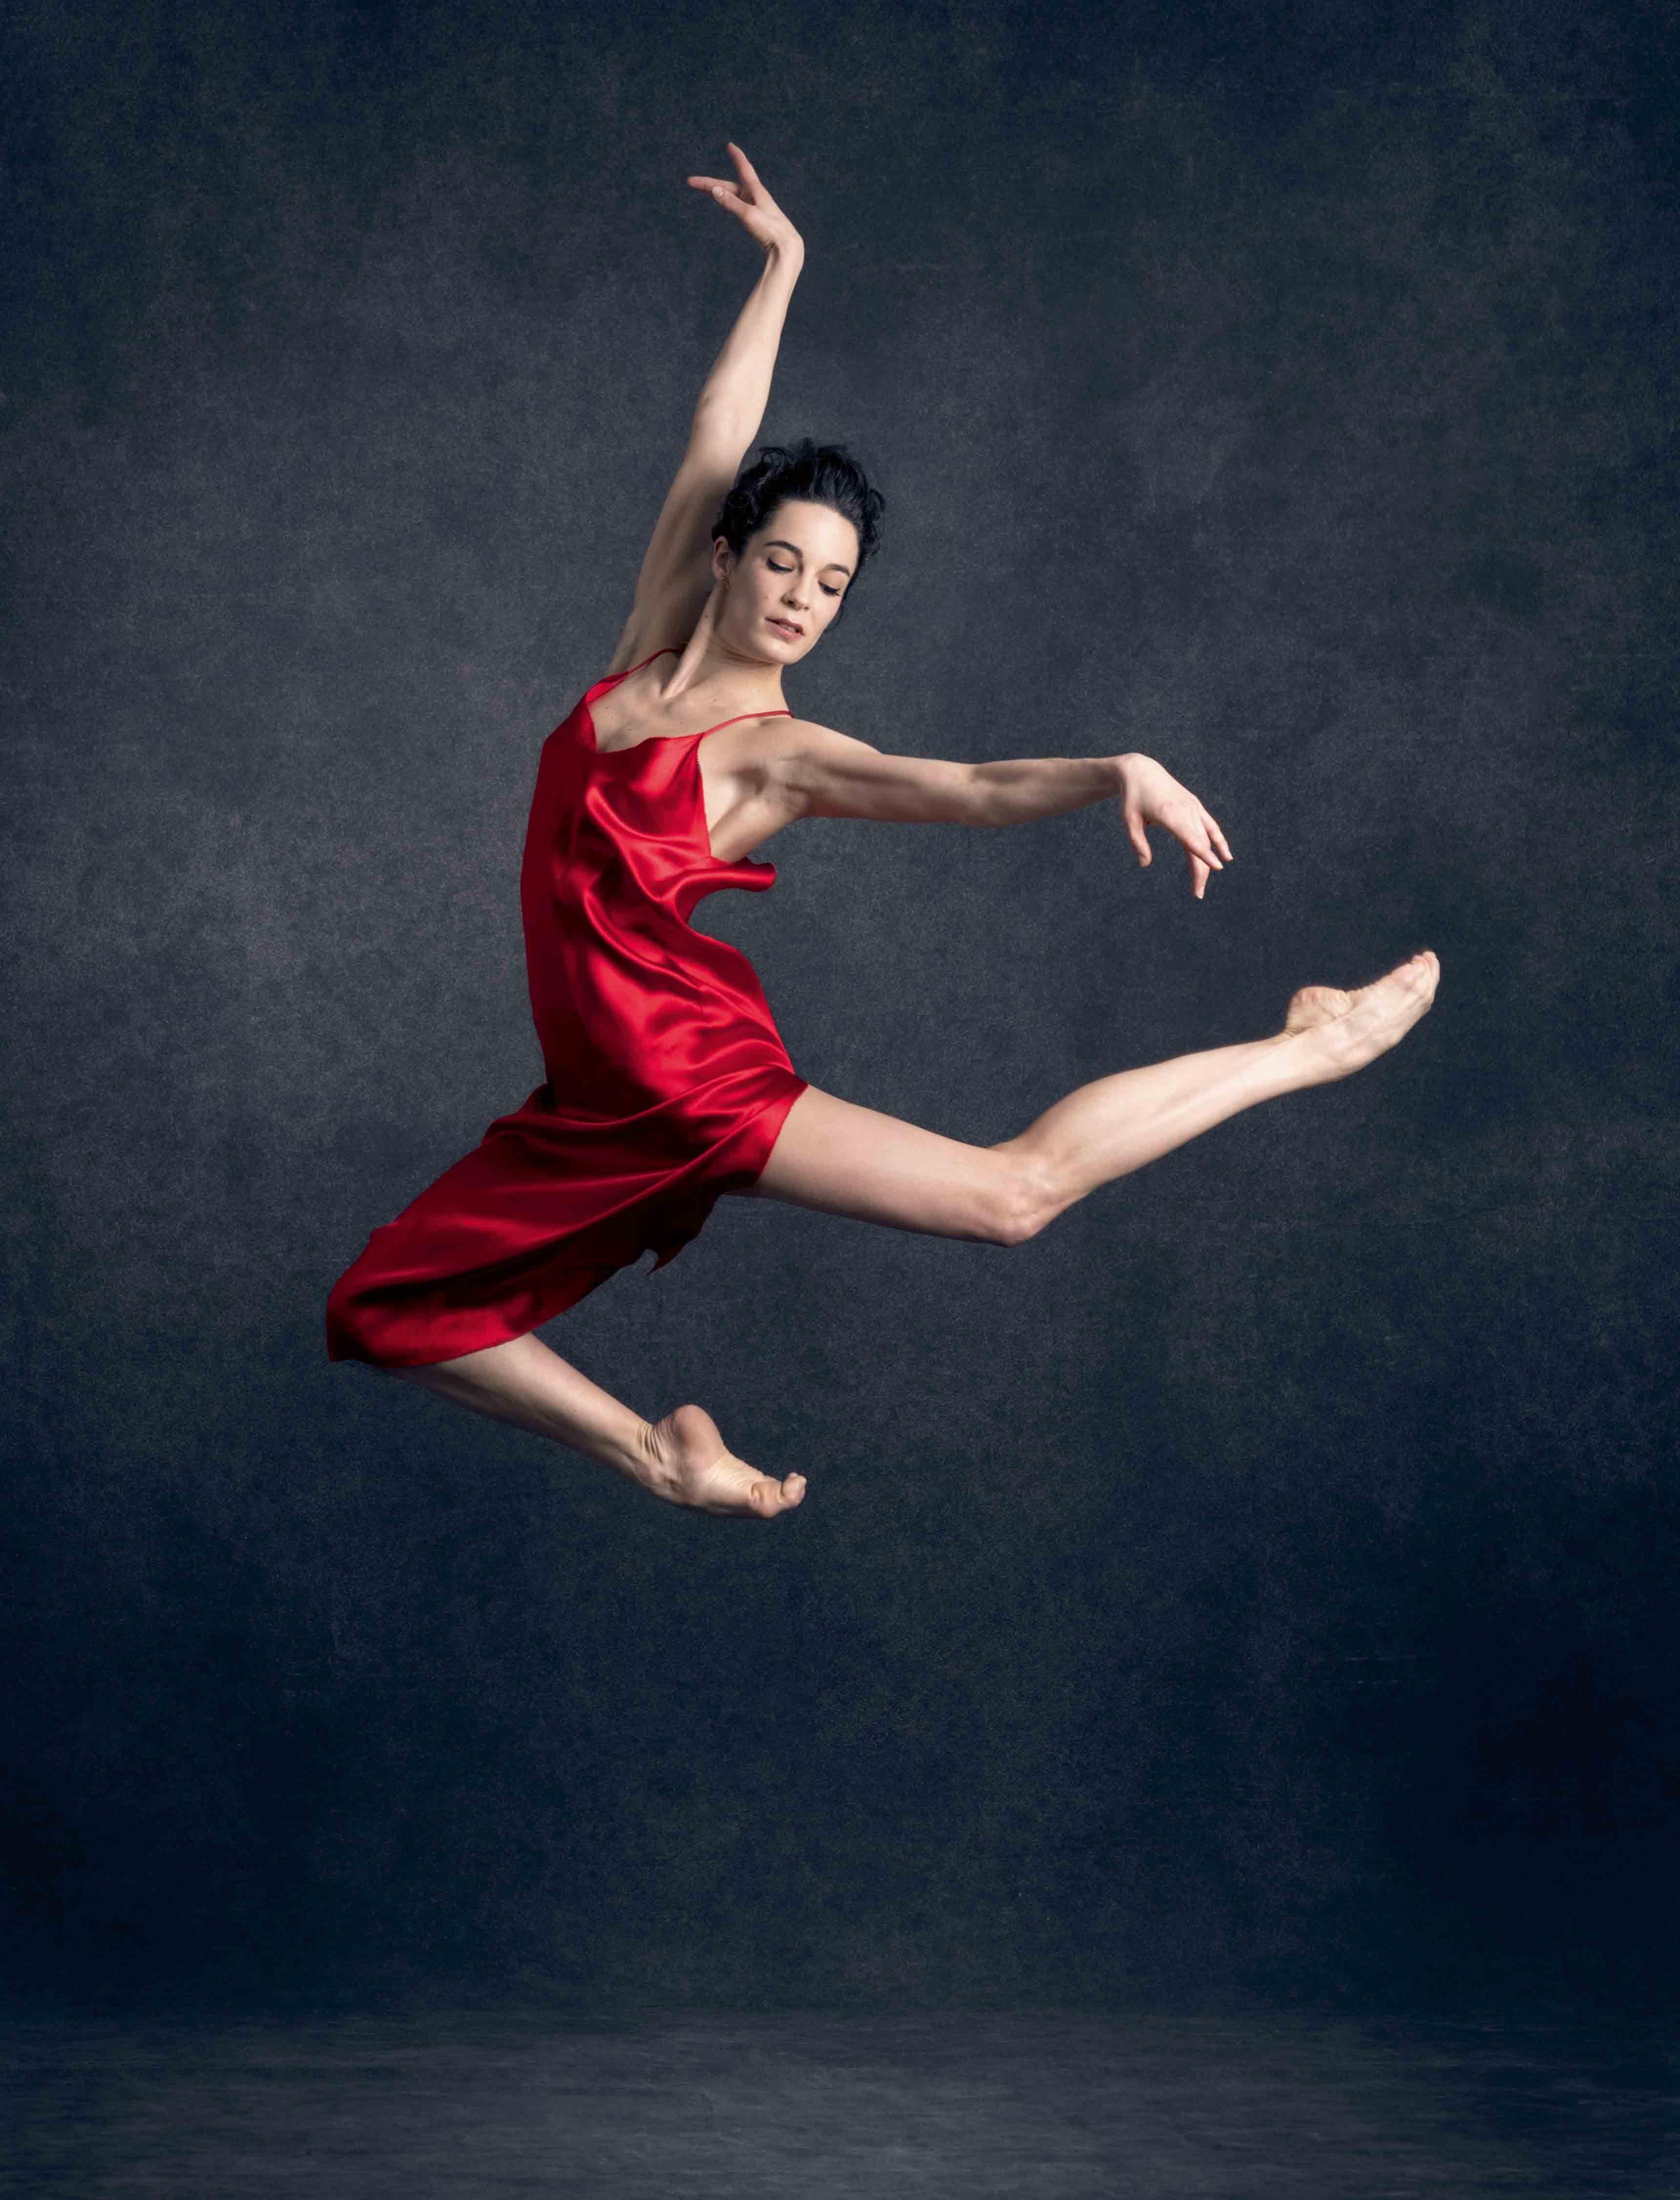 обычный красивые фото танцоров погодя ушей долетел